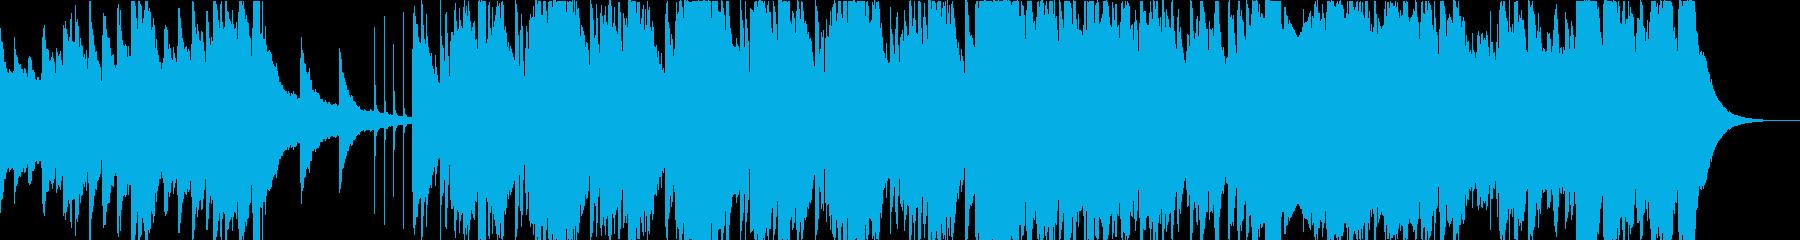 深夜の番組にマッチしたBGMの再生済みの波形